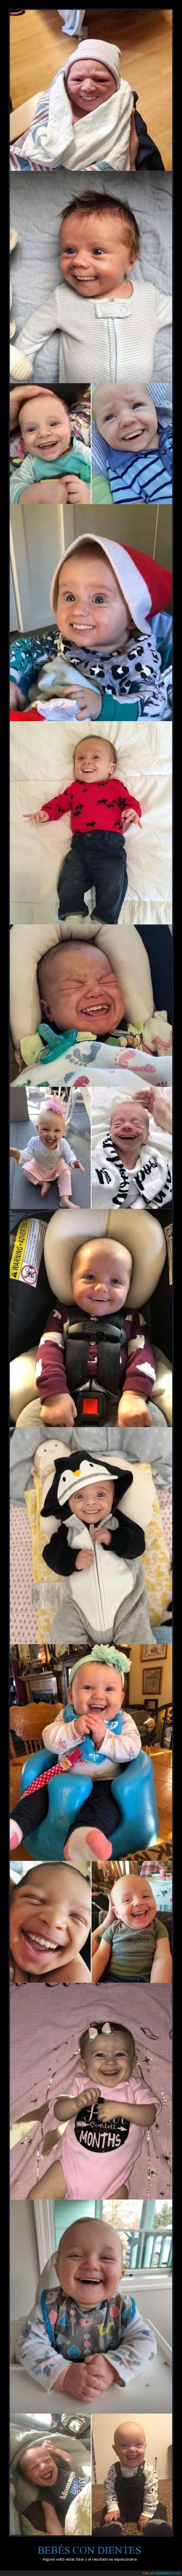 bebés,dientes,photoshop